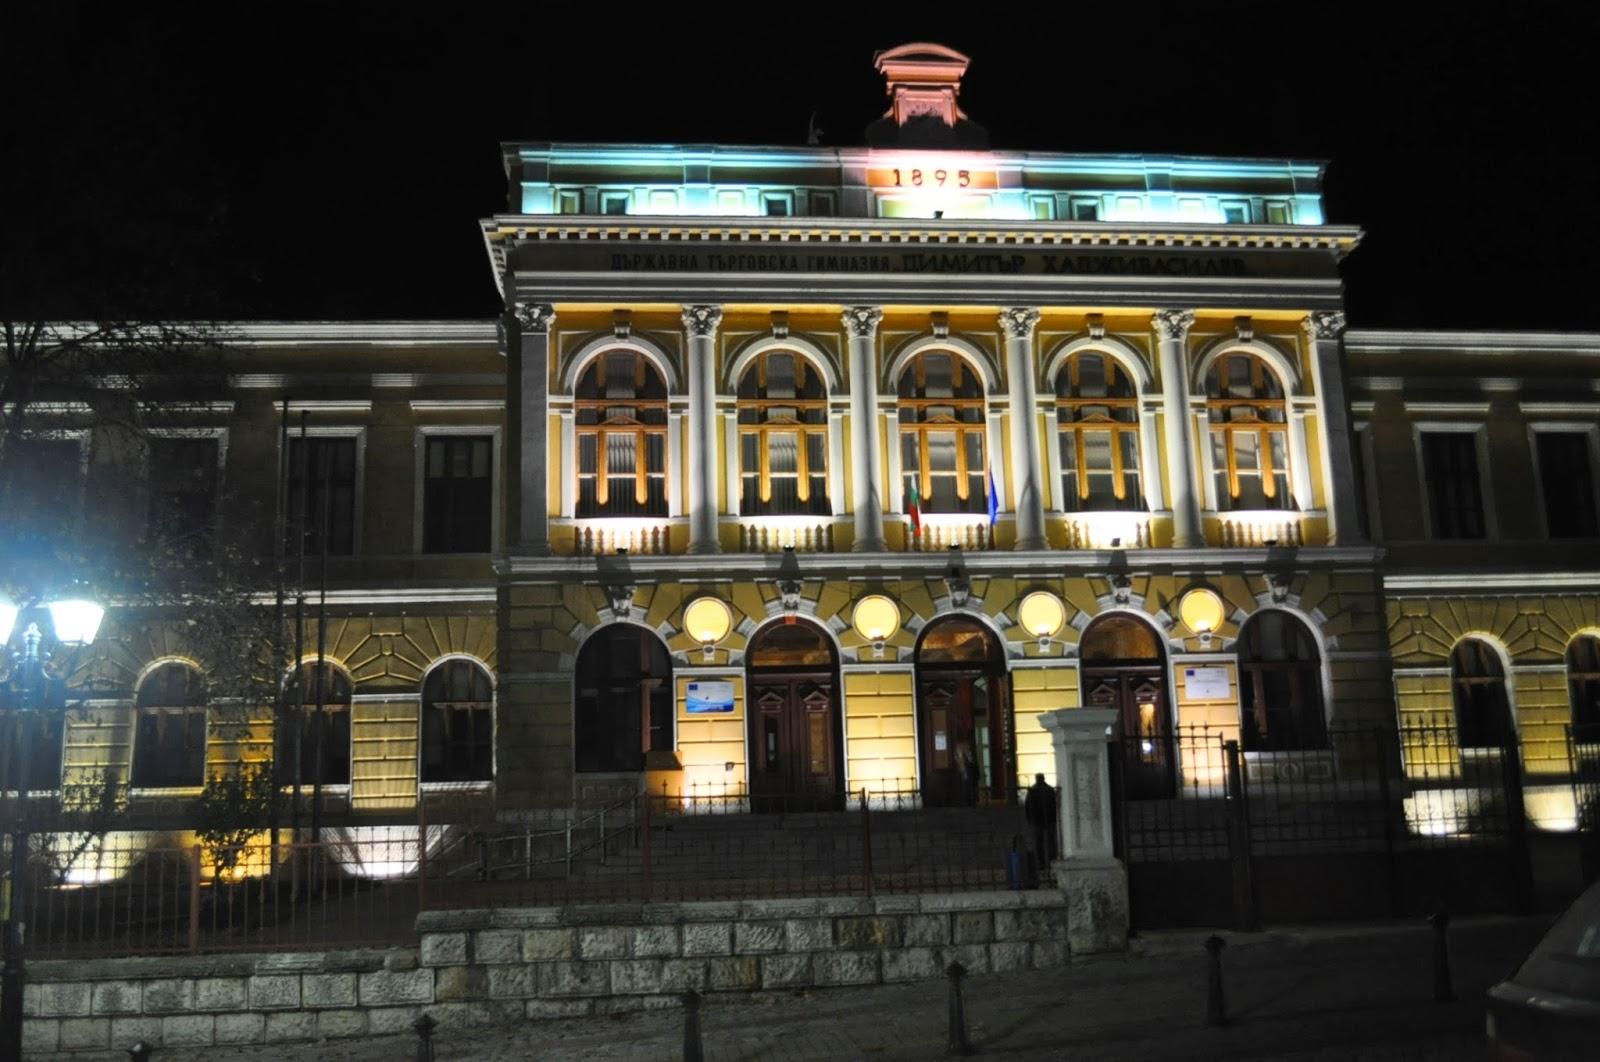 С падането на нощта навлизаме в Свищов. Университетският град ни посреща с осветените фасади на красивите си сгради. Някои от тях са били проектирани от виенски архитекти в края на 19-ти началото на 20 –ти век. Гордост на крайдунавския град е сградата на Търговската гимназия, за която се твърди, че е умалено копие на Виенския университет.